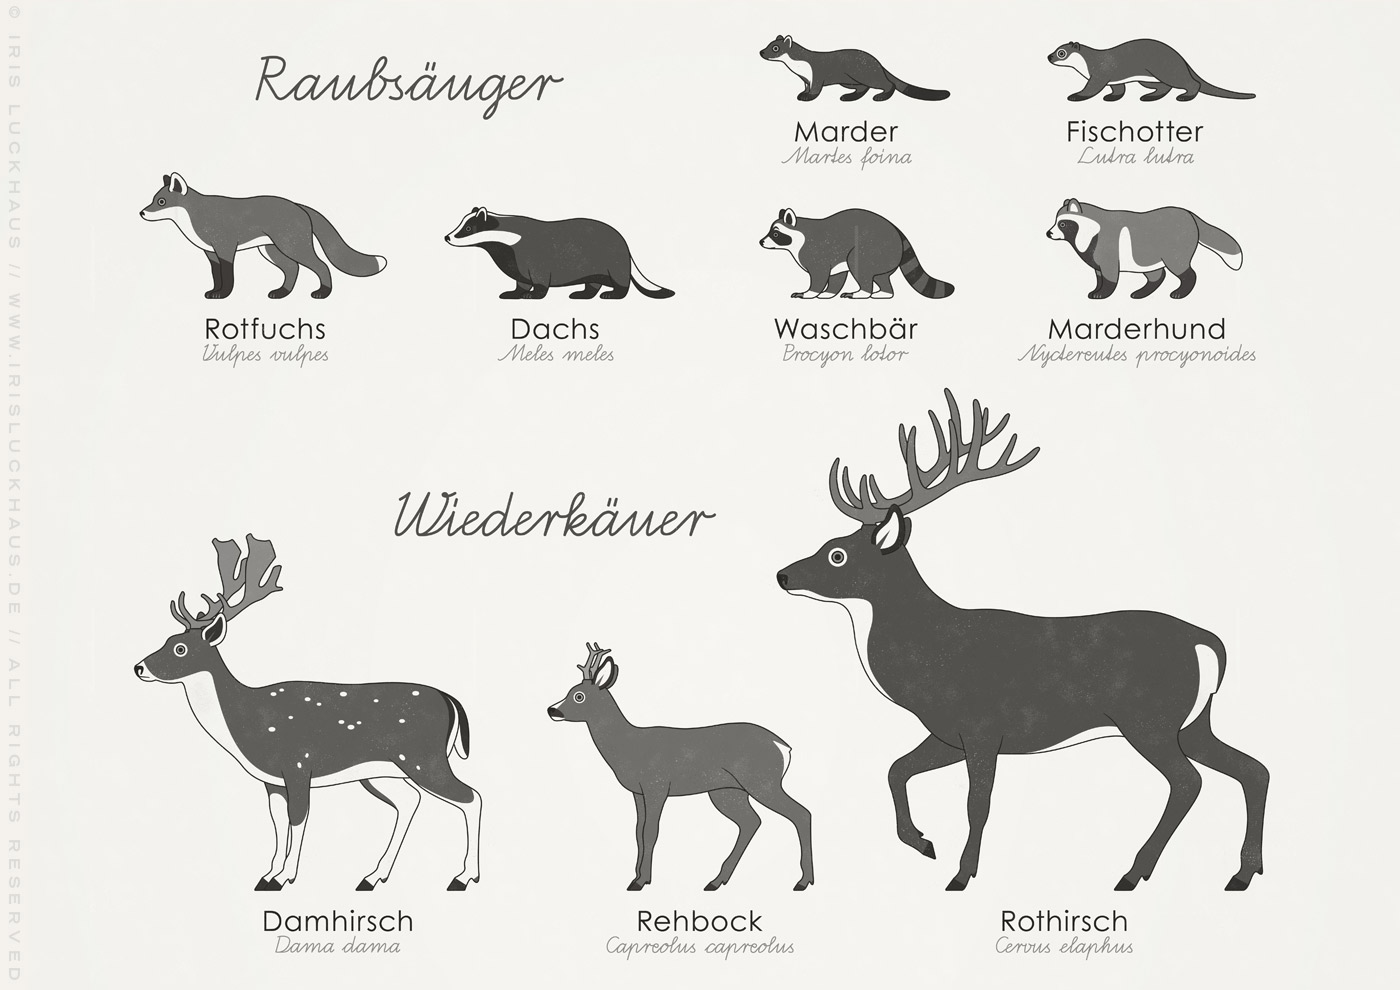 Lernposter, Schautafel oder Infografik zum Bestimmen der Form, Zeichnung und Habitus verschiedener heimischer Waldtiere wie Dachs, Damhirsch, Eichhörnchen, Fischotter, Fuchs, Hase, Igel, Kaninchen, Marder, Marderhund, Rehbock, Rothirsch, Siebenschläfer, Waldmaus, Waschbär und Wildschwein erkennen und bestimmen lassen.